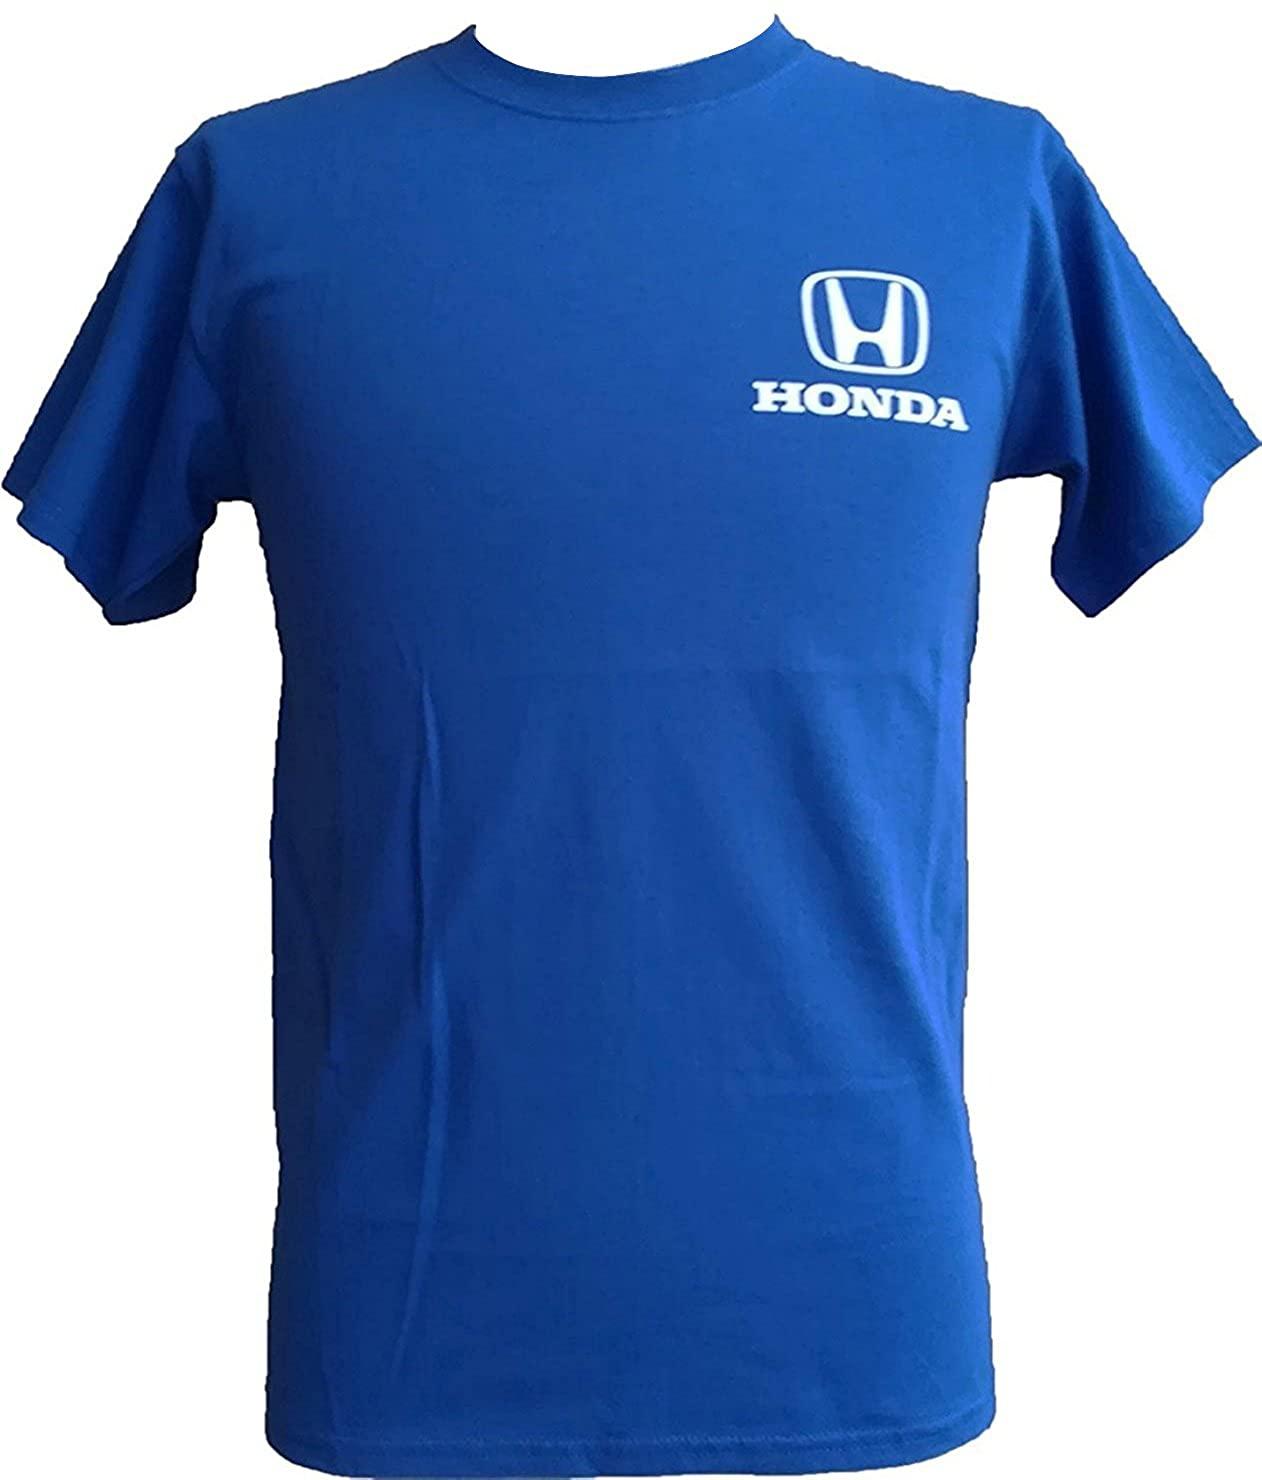 US限定 HONDA クラシックロゴ Tシャツ ブルー画像